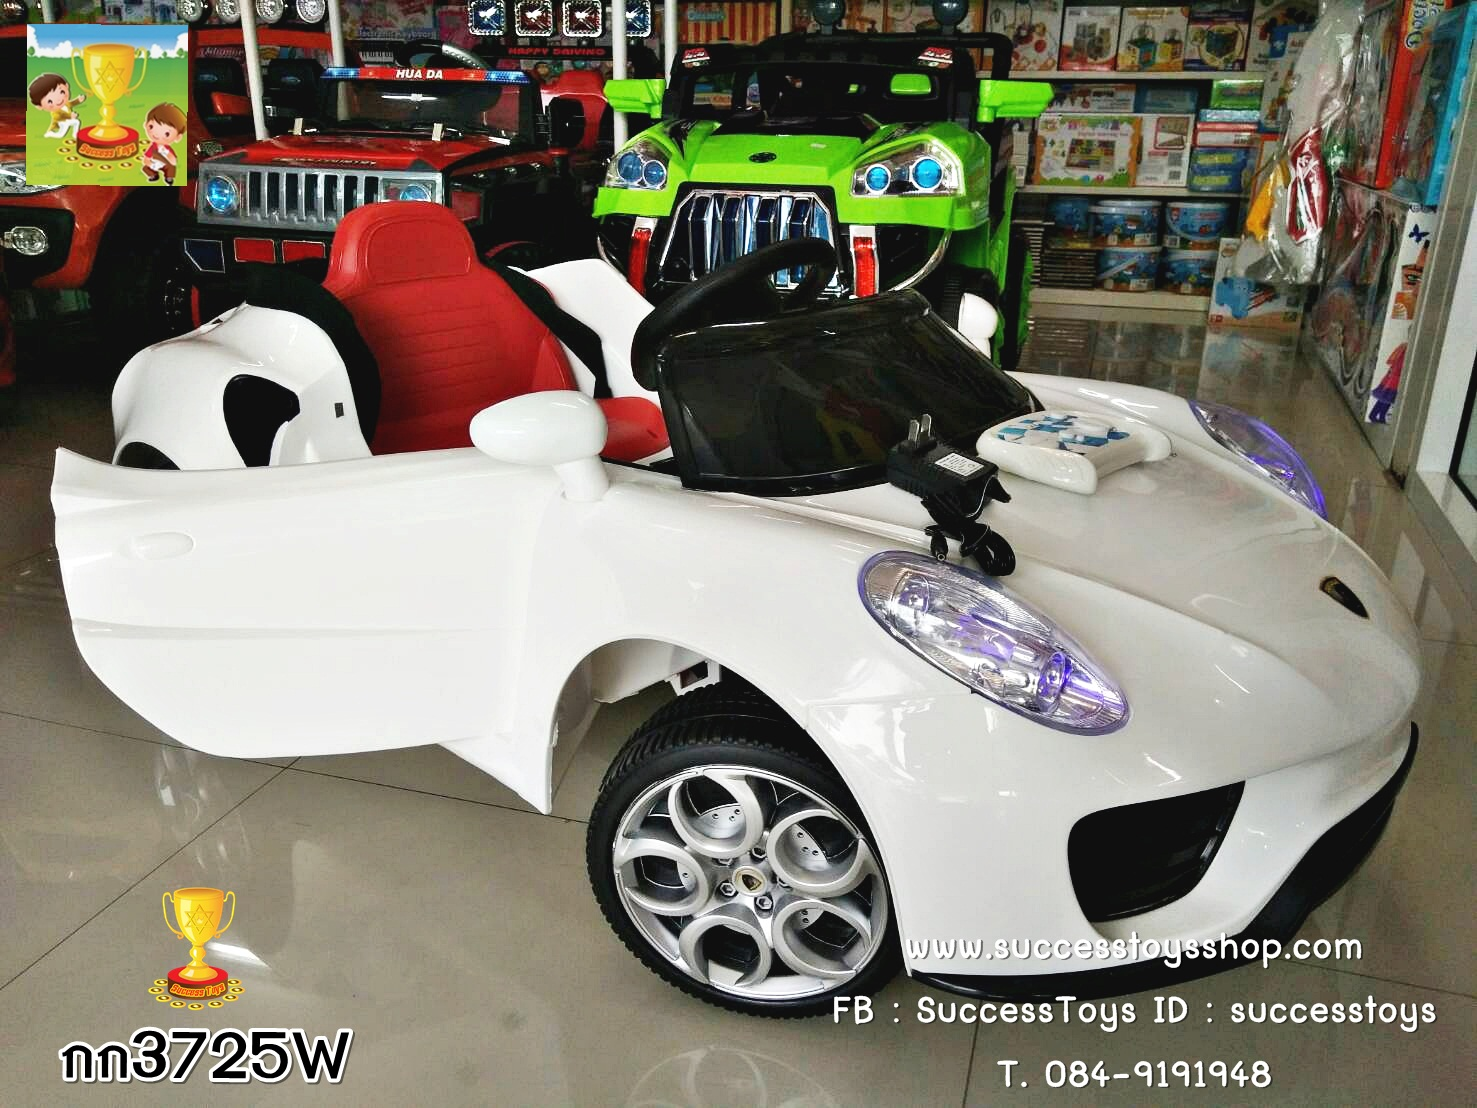 กก3725 รถแบตเตอรี่เด็กนั่งไฟฟ้า รถปอร์ต 2 มอเตอร์ มี3สี แดง เหลือง ขาว 2 มอเตอร์